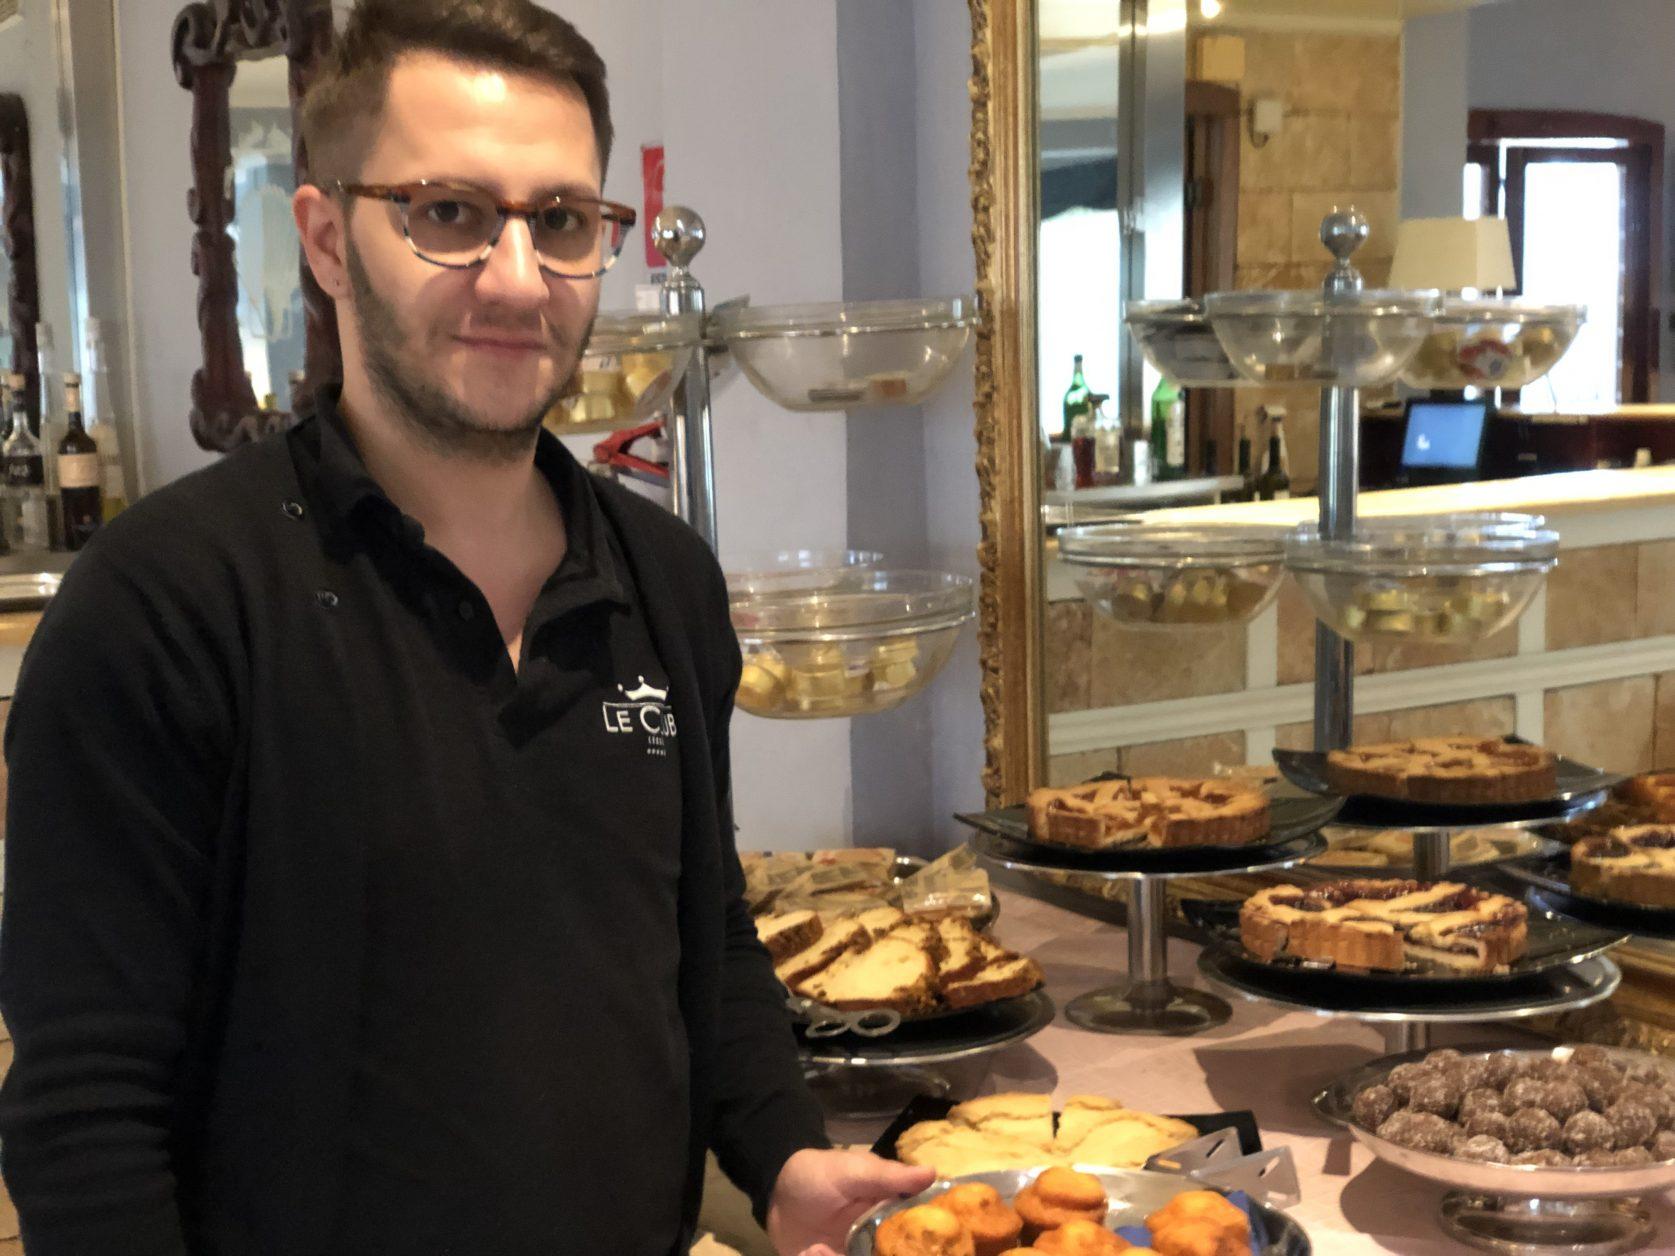 Hotelmanager Carmine Bisconti kann auch deutsch, er hilft wo er kann